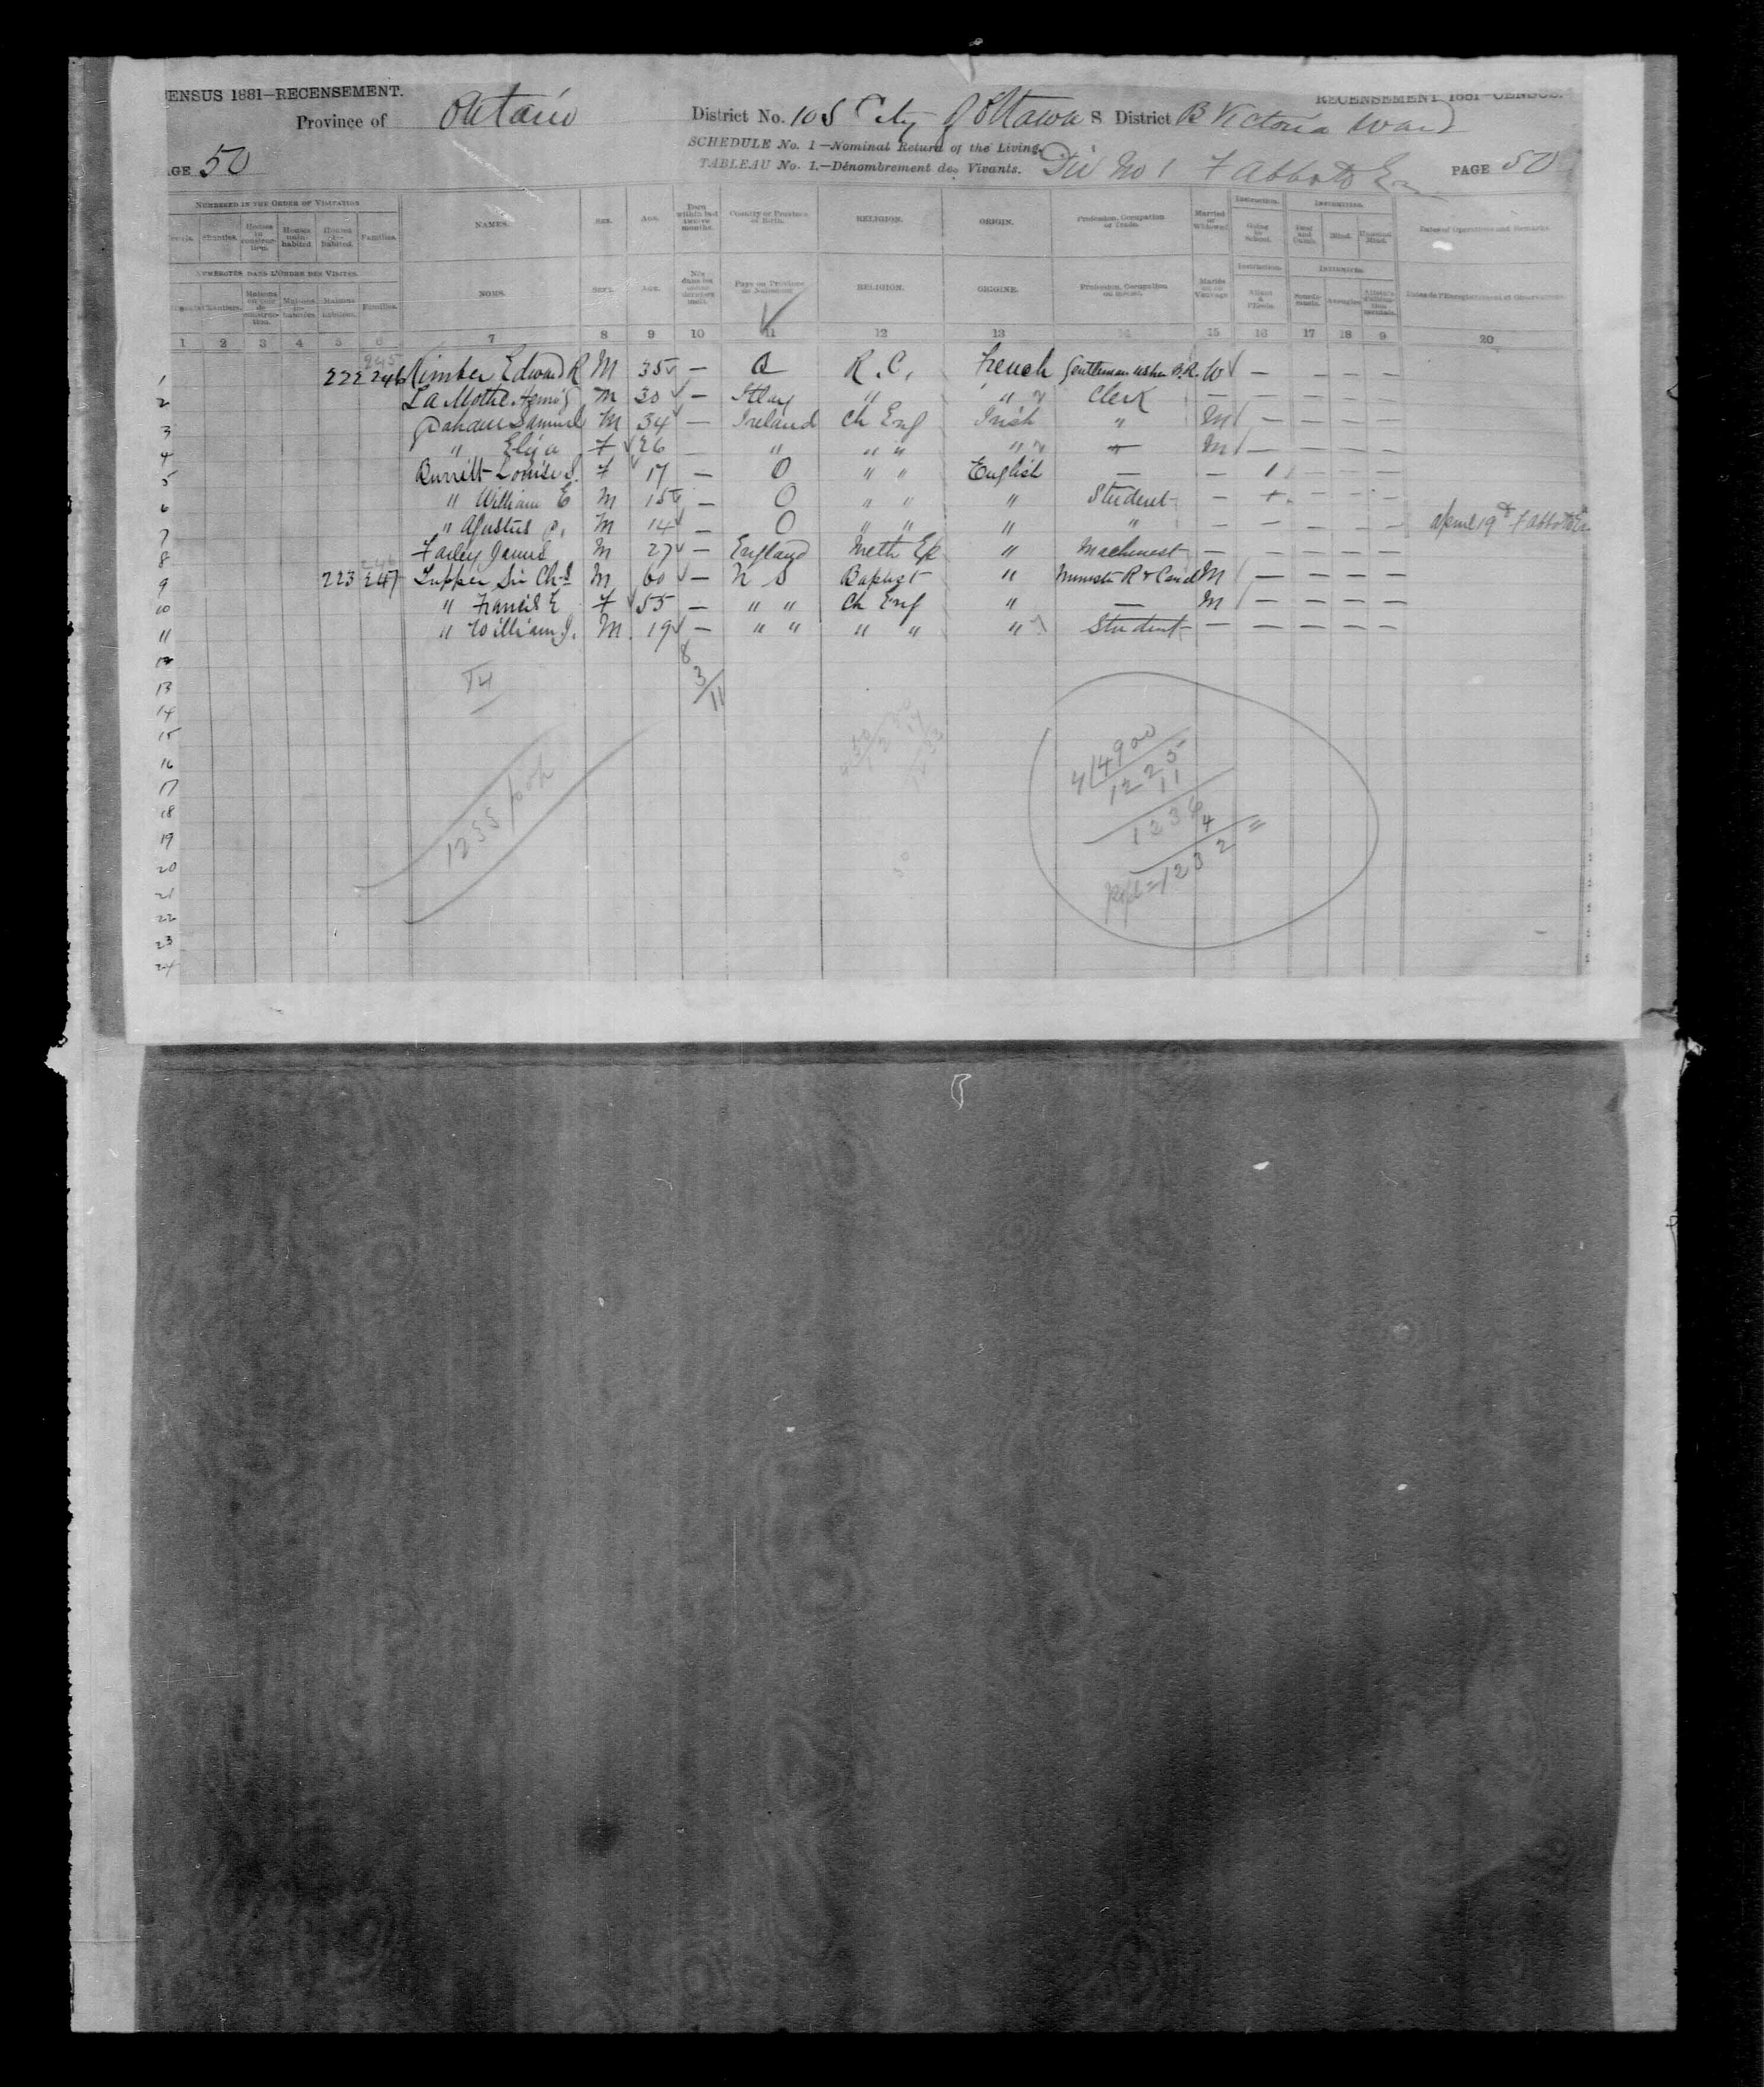 Page numérisée du Recensement du Canada (1881), Page numéro 50, pour Sir Chs. TUPPER